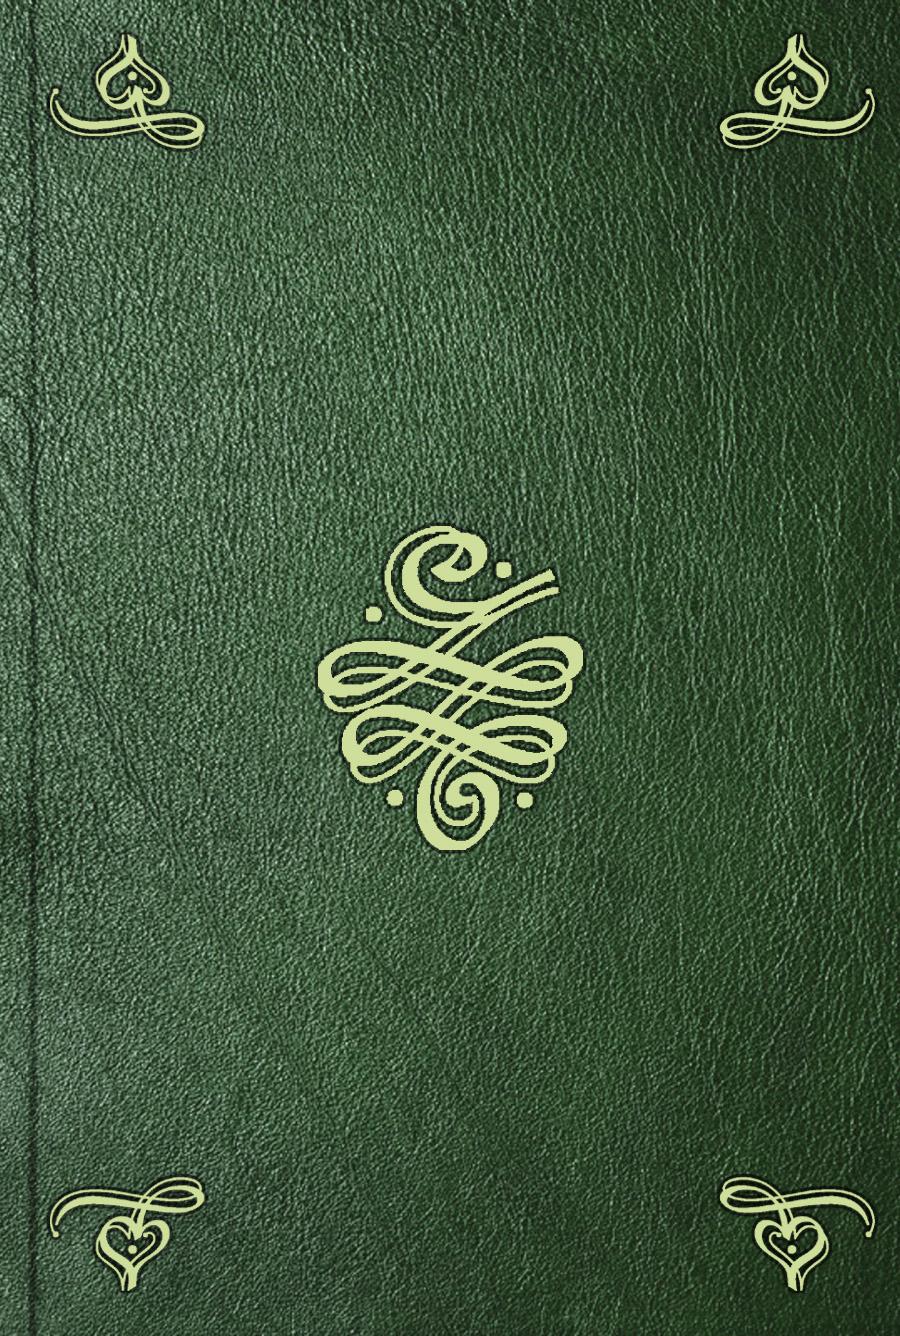 Robert Le Suire Le philosophe parvenu ou lettres et pieces originales. T. 2 charlotte elizabeth de baviere fragmens de lettres originales t 2